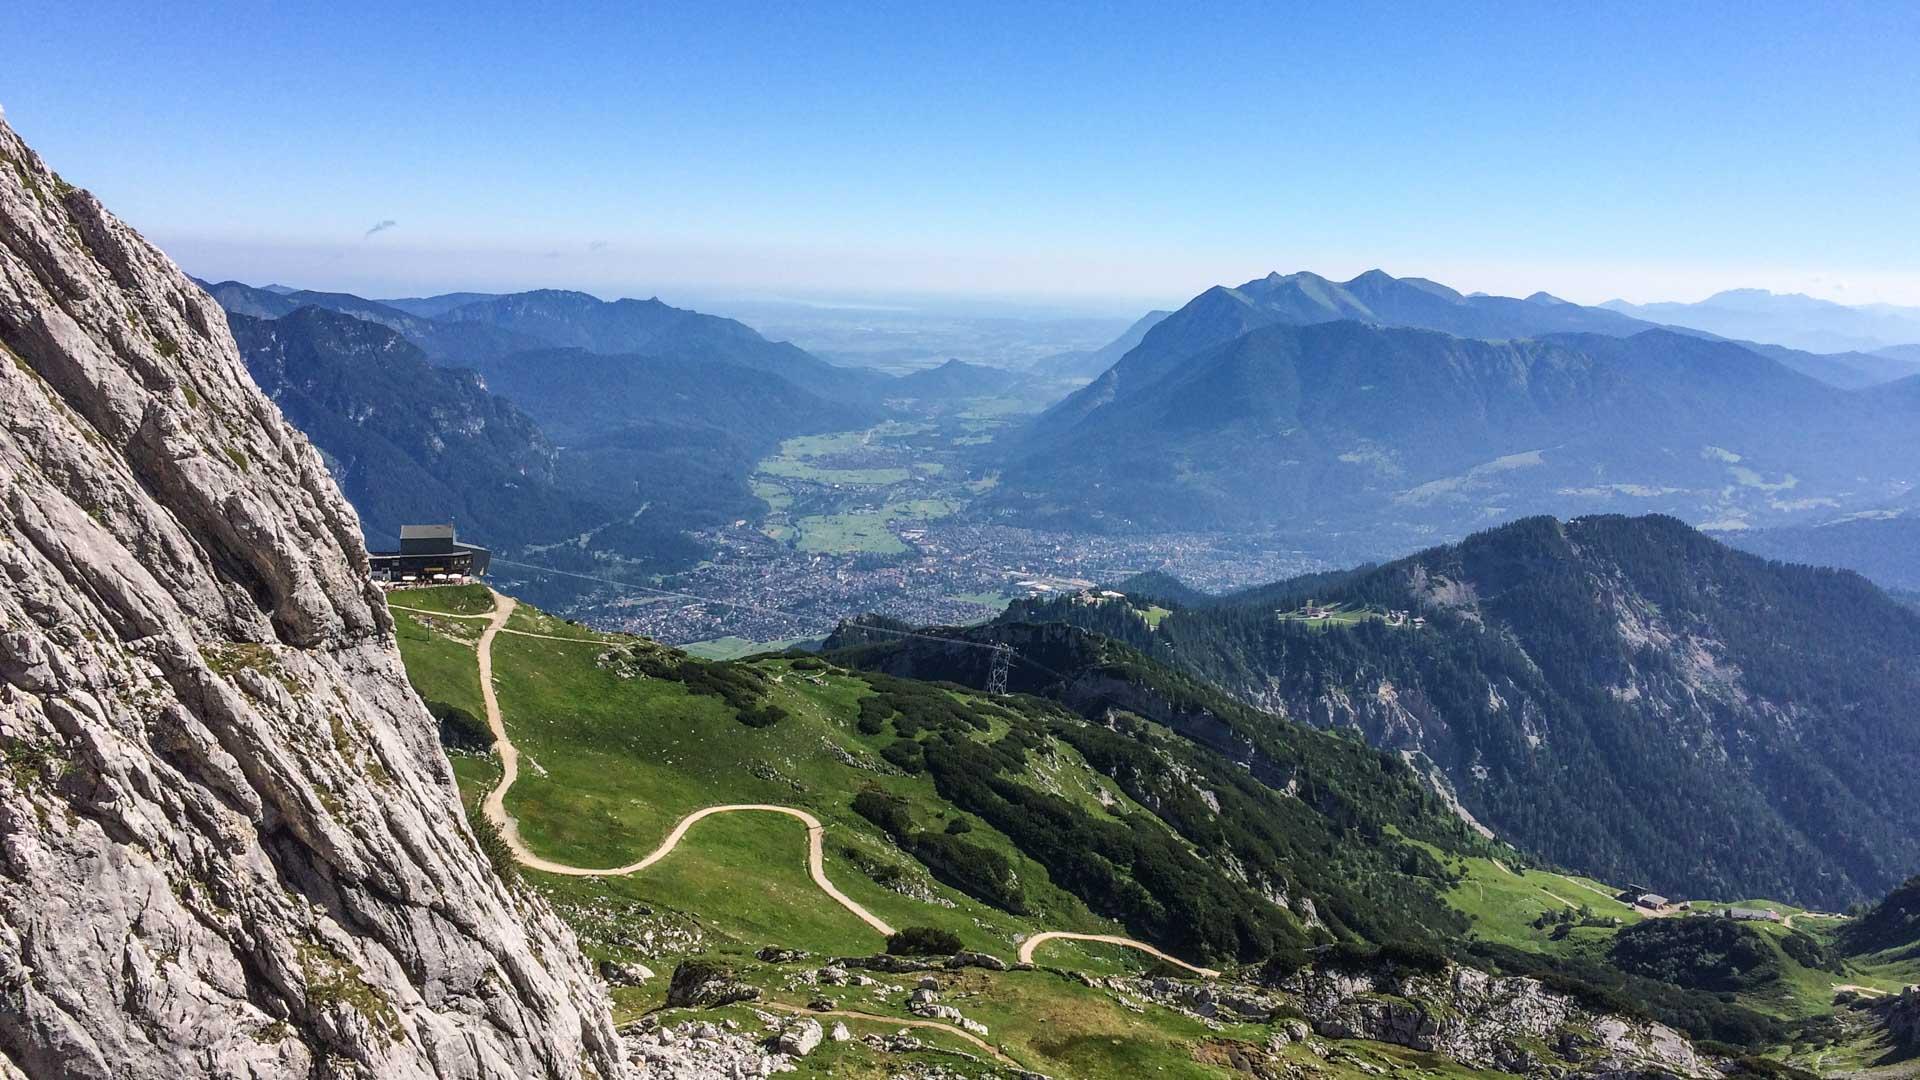 alpspitze-klettersteig-ueber-garmisch-partenkirchen.jpg